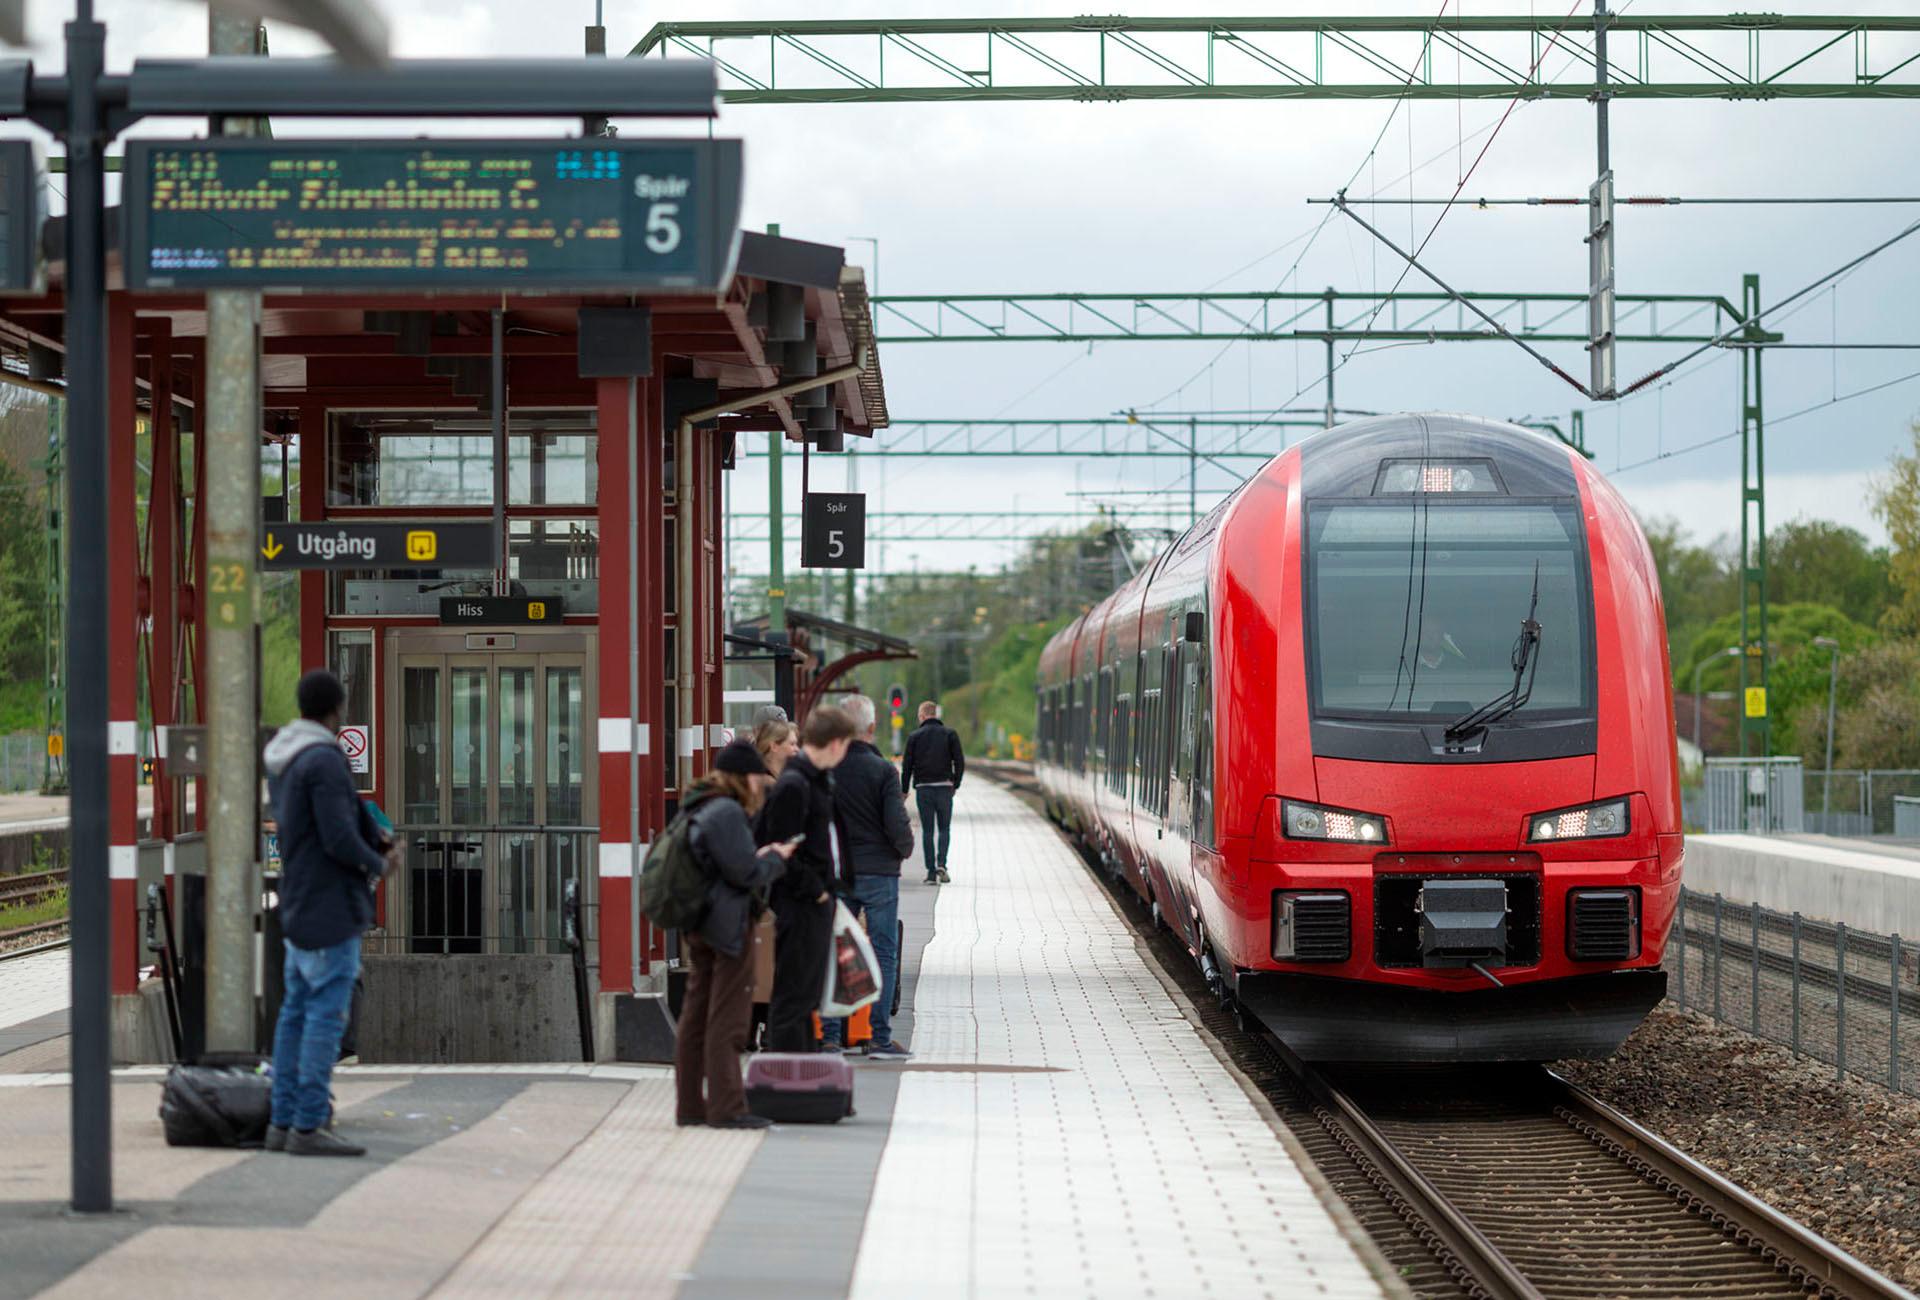 Fler tåg när restriktioner avskaffas